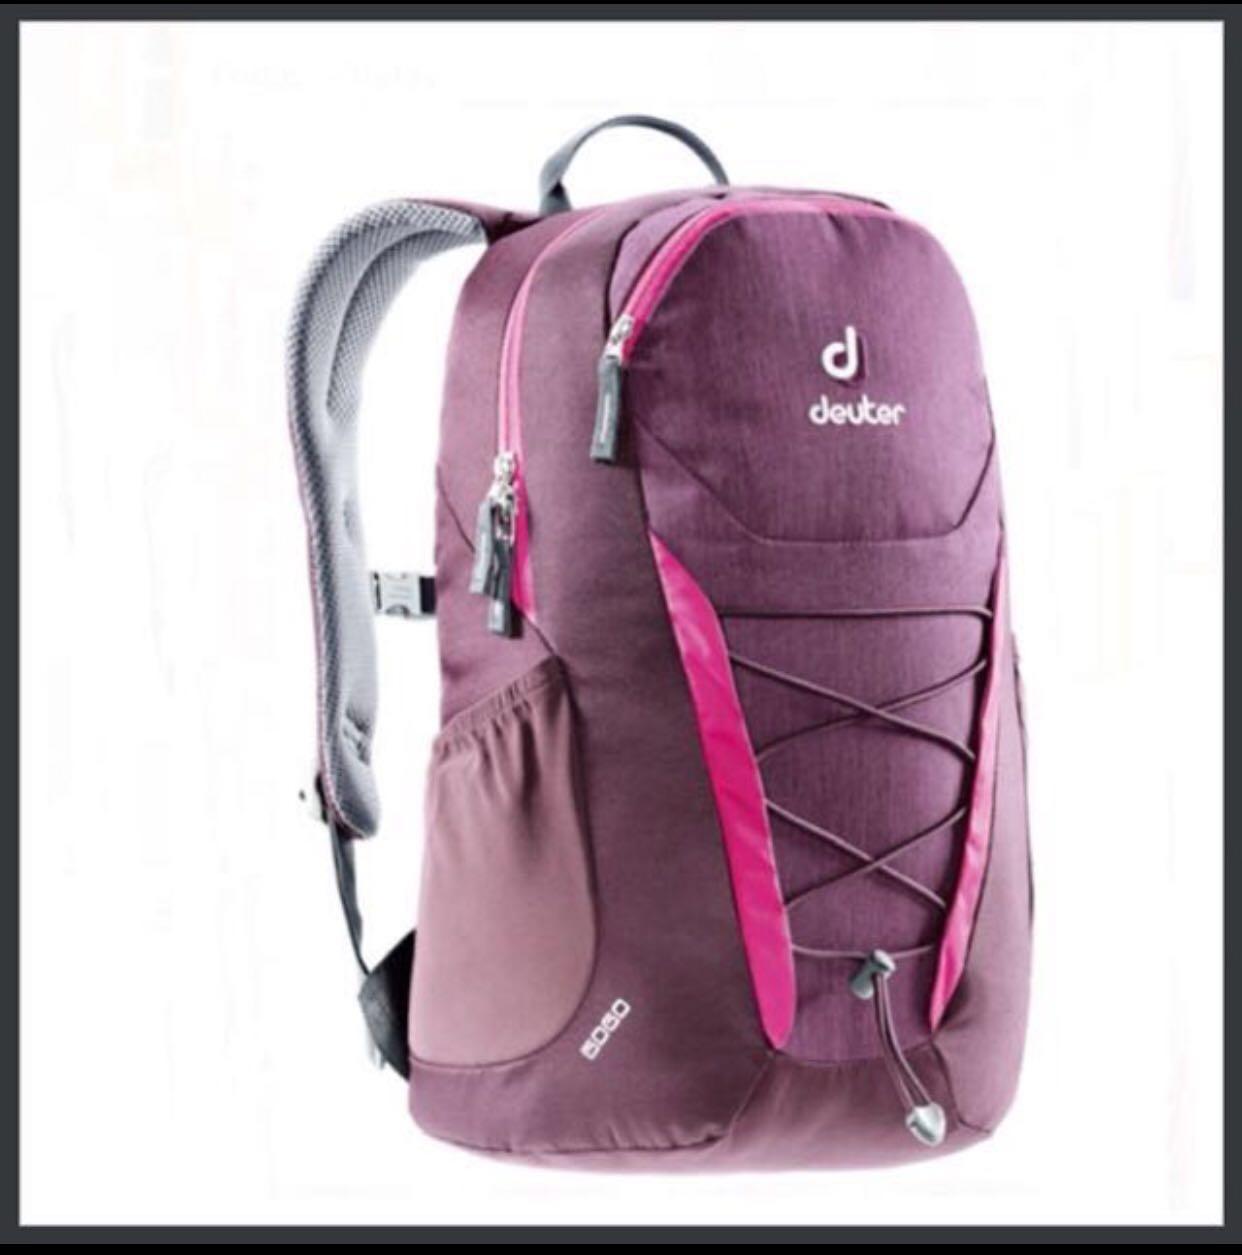 9af9e62142f5 💚2019💚 Deuter GOGO  Blackberry Dresscode  Daypack Backpack School ...